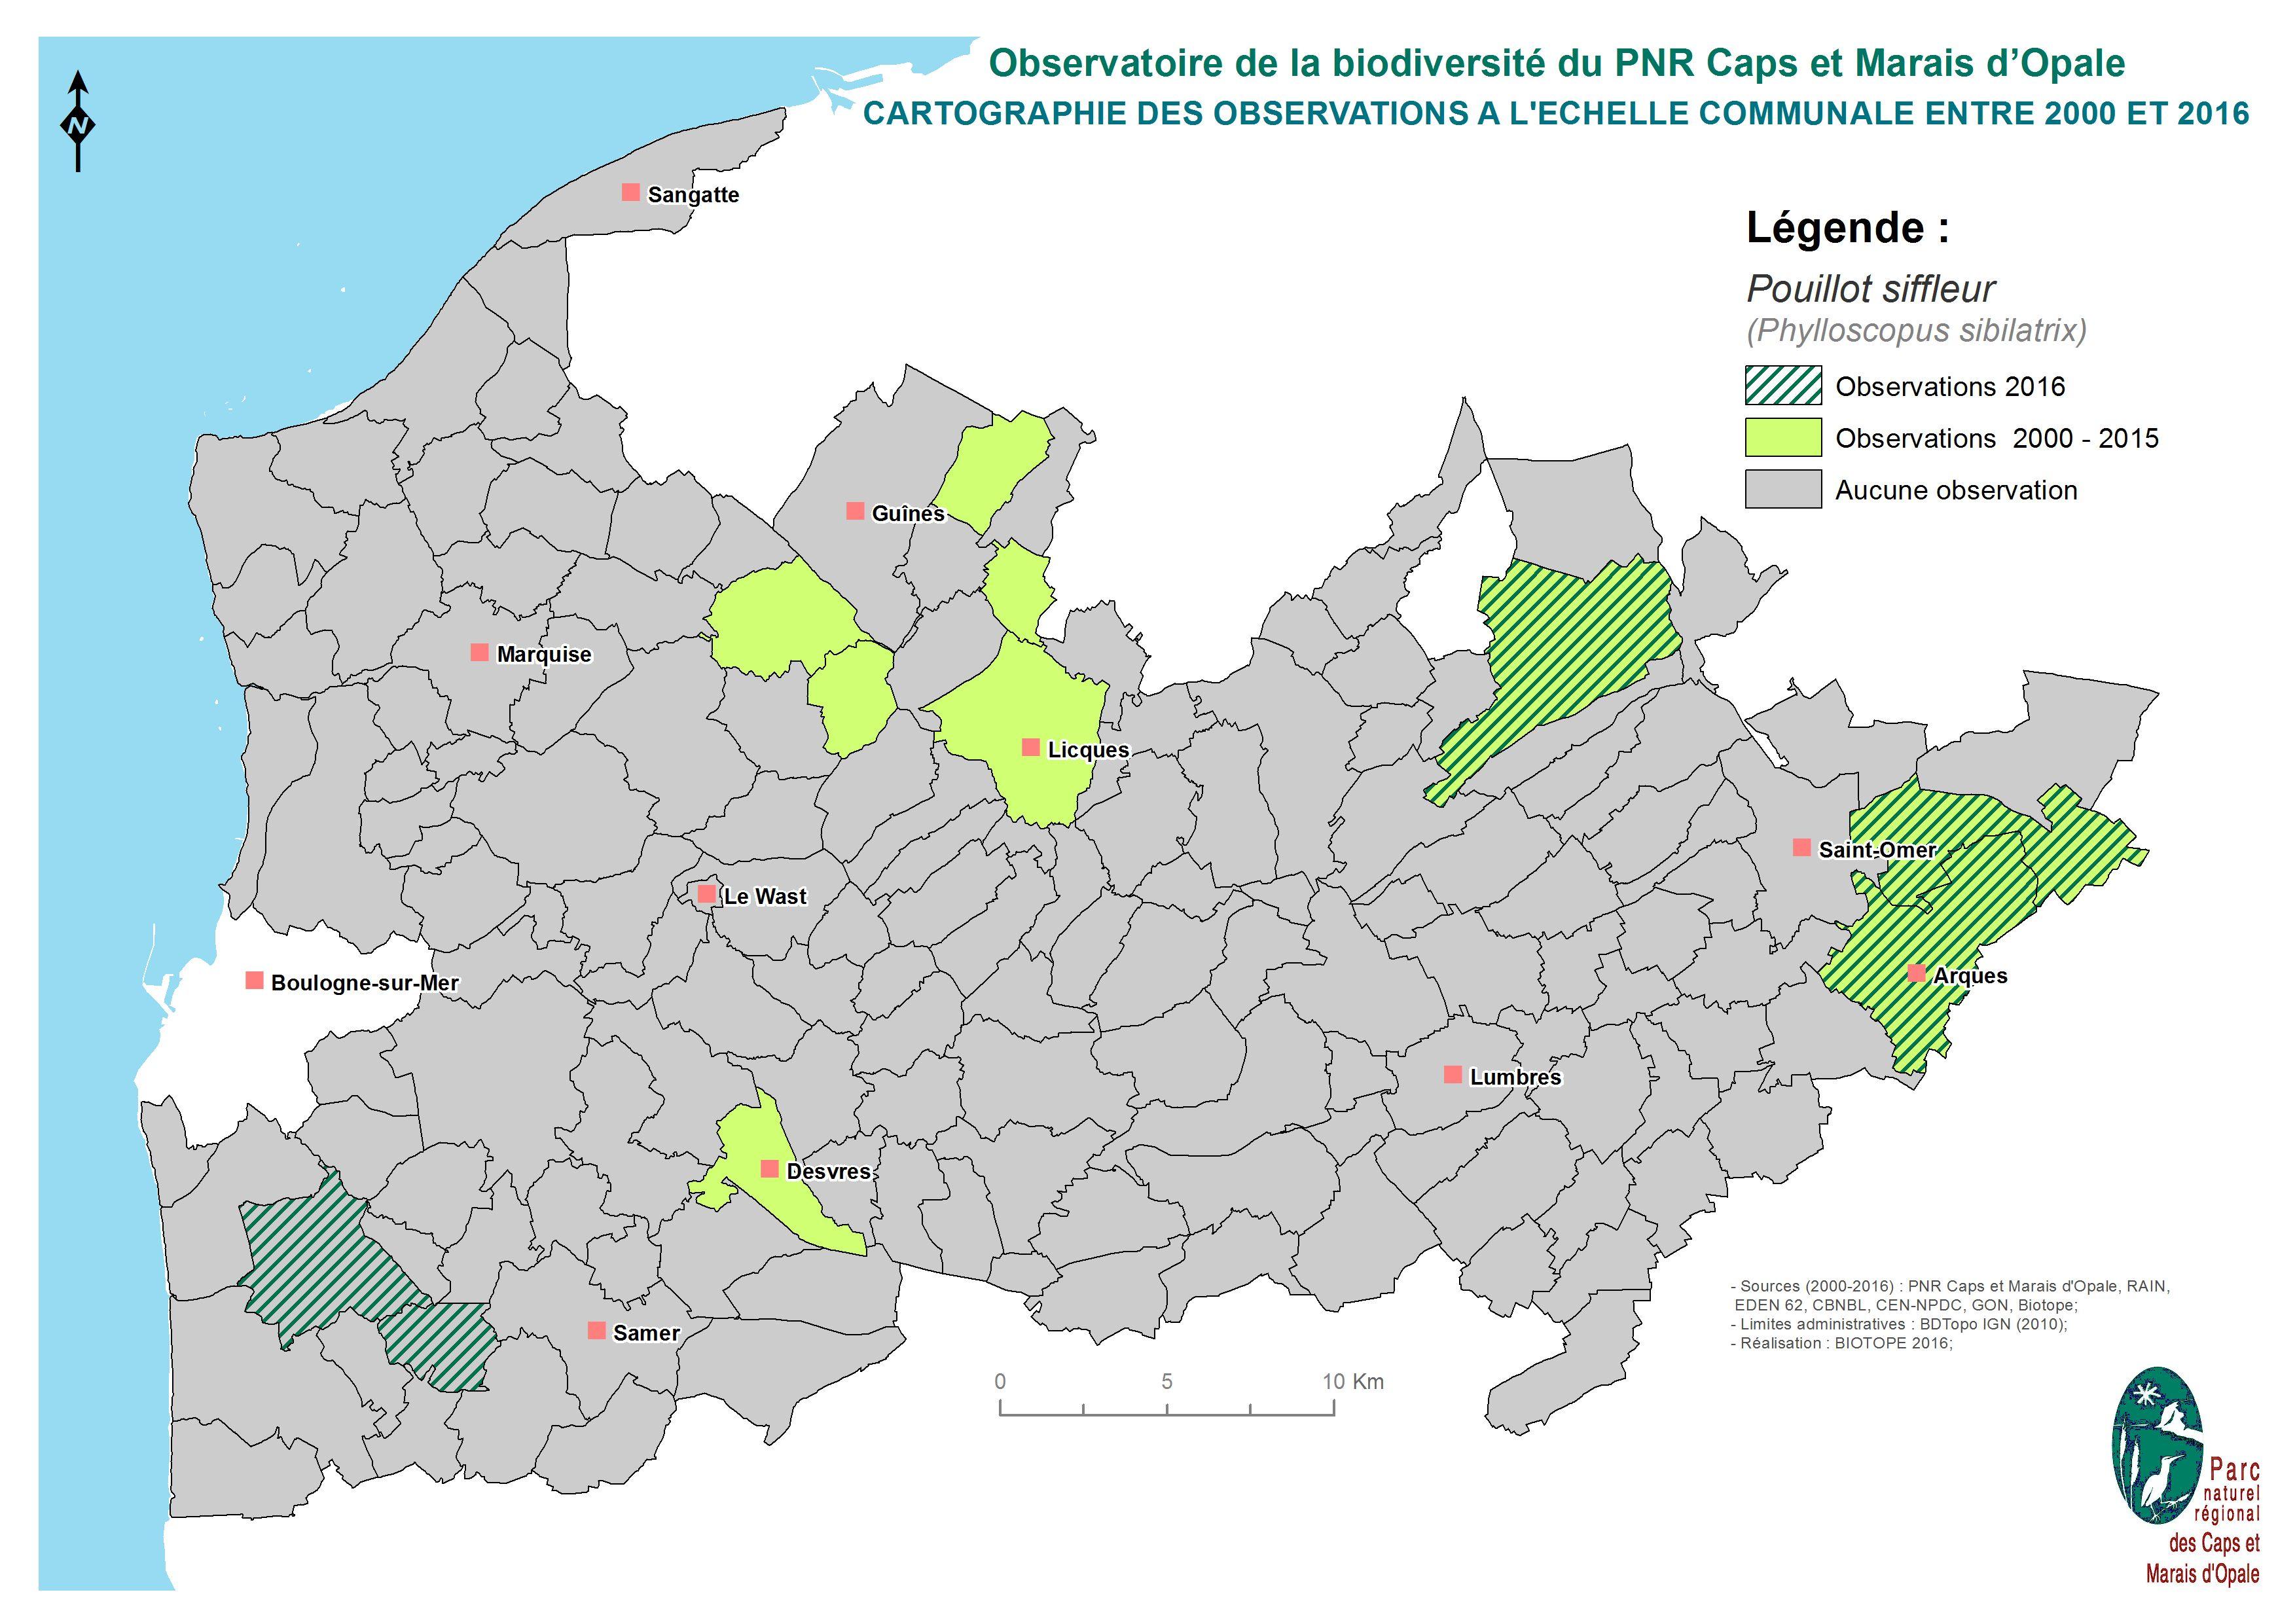 Cartographie des observations à l'échelle communale de Pouillot siffleur entre 2000 et 2016 (SIRF, 2017)